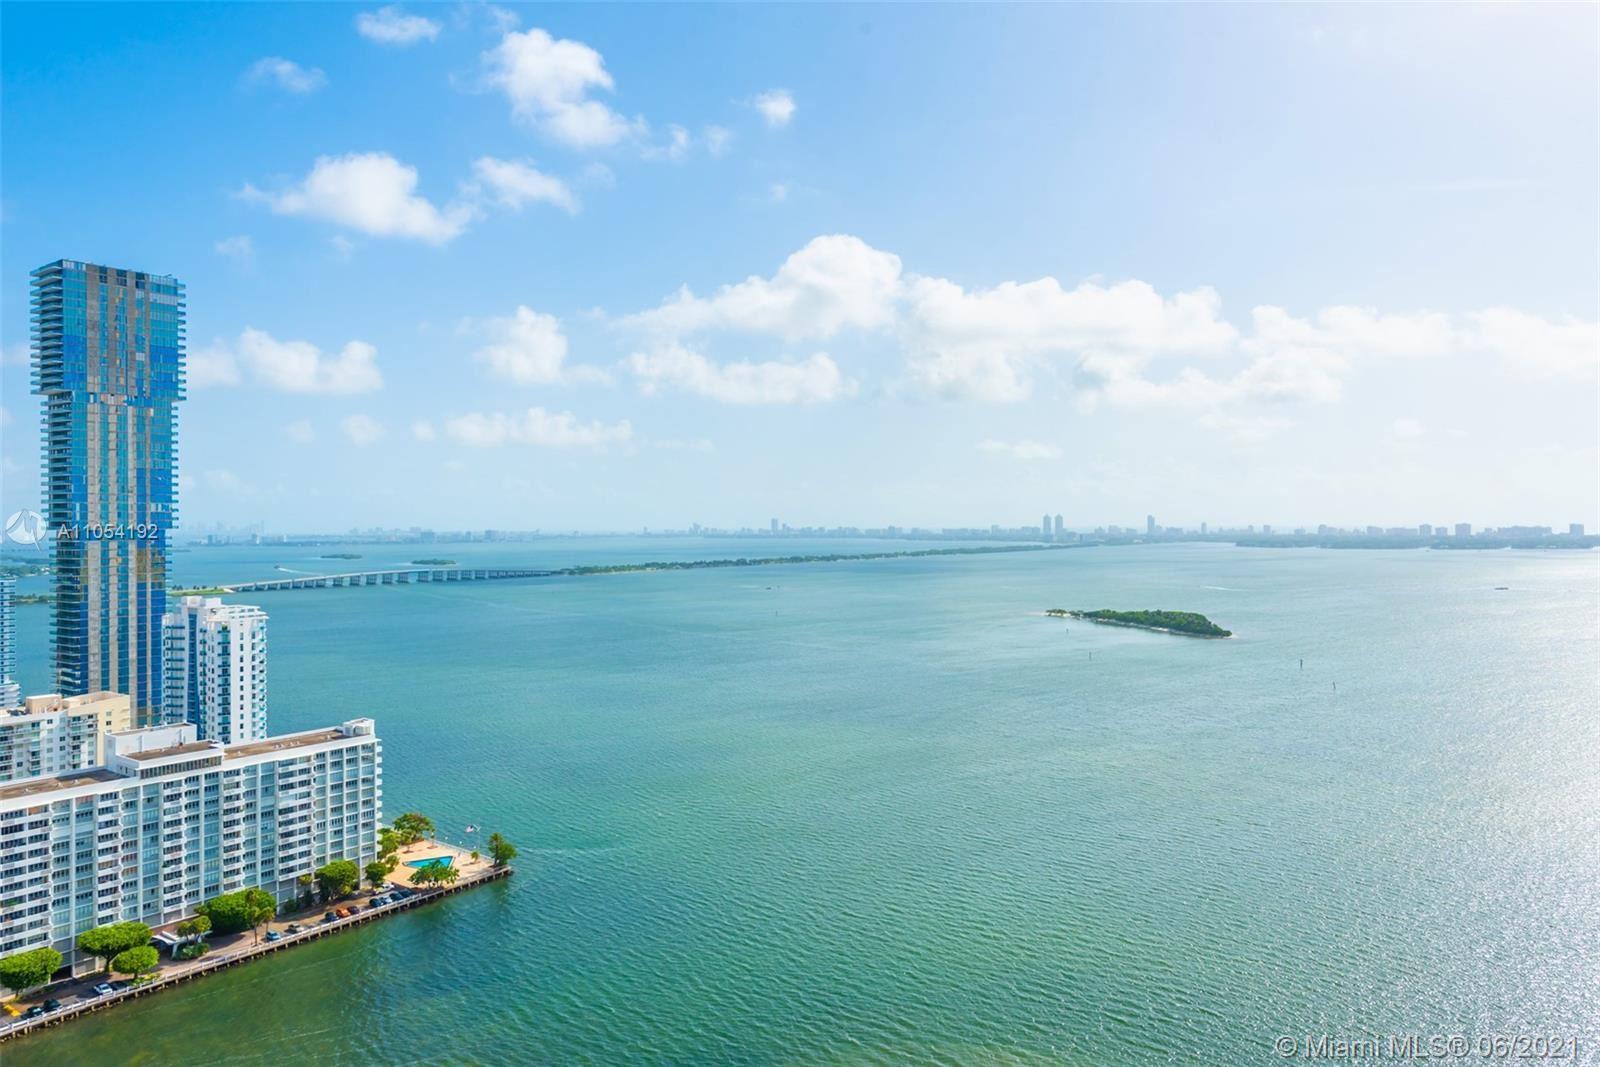 1900 N Bayshore Dr #3212, Miami, FL 33132 - #: A11054192